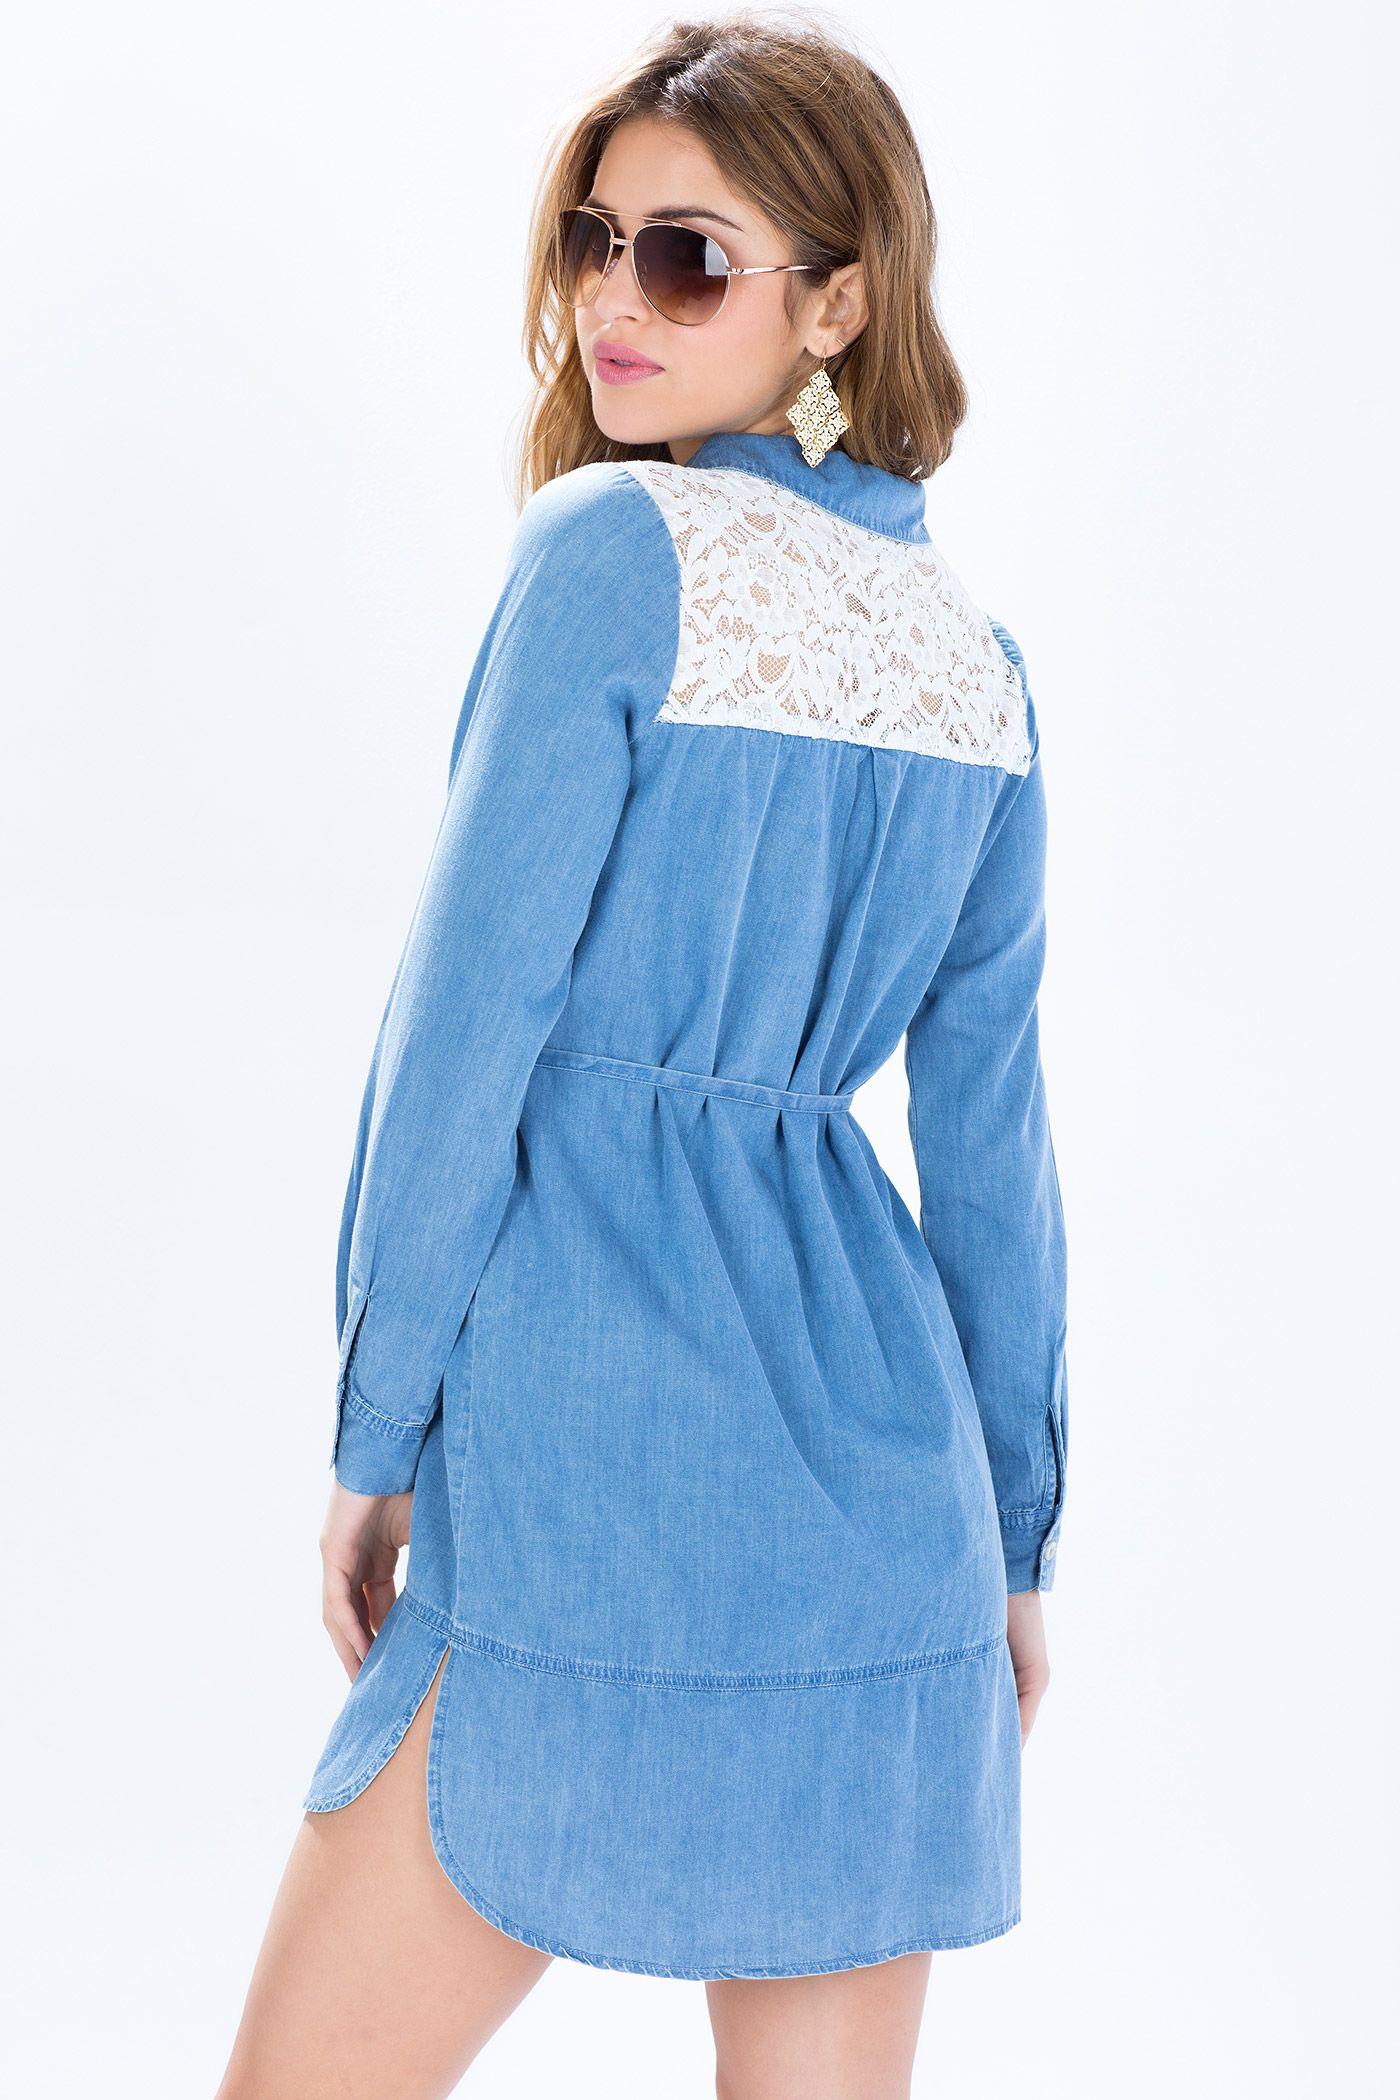 d50b421df31 Джинсовое платье-рубашка з кружевом Размеры  S